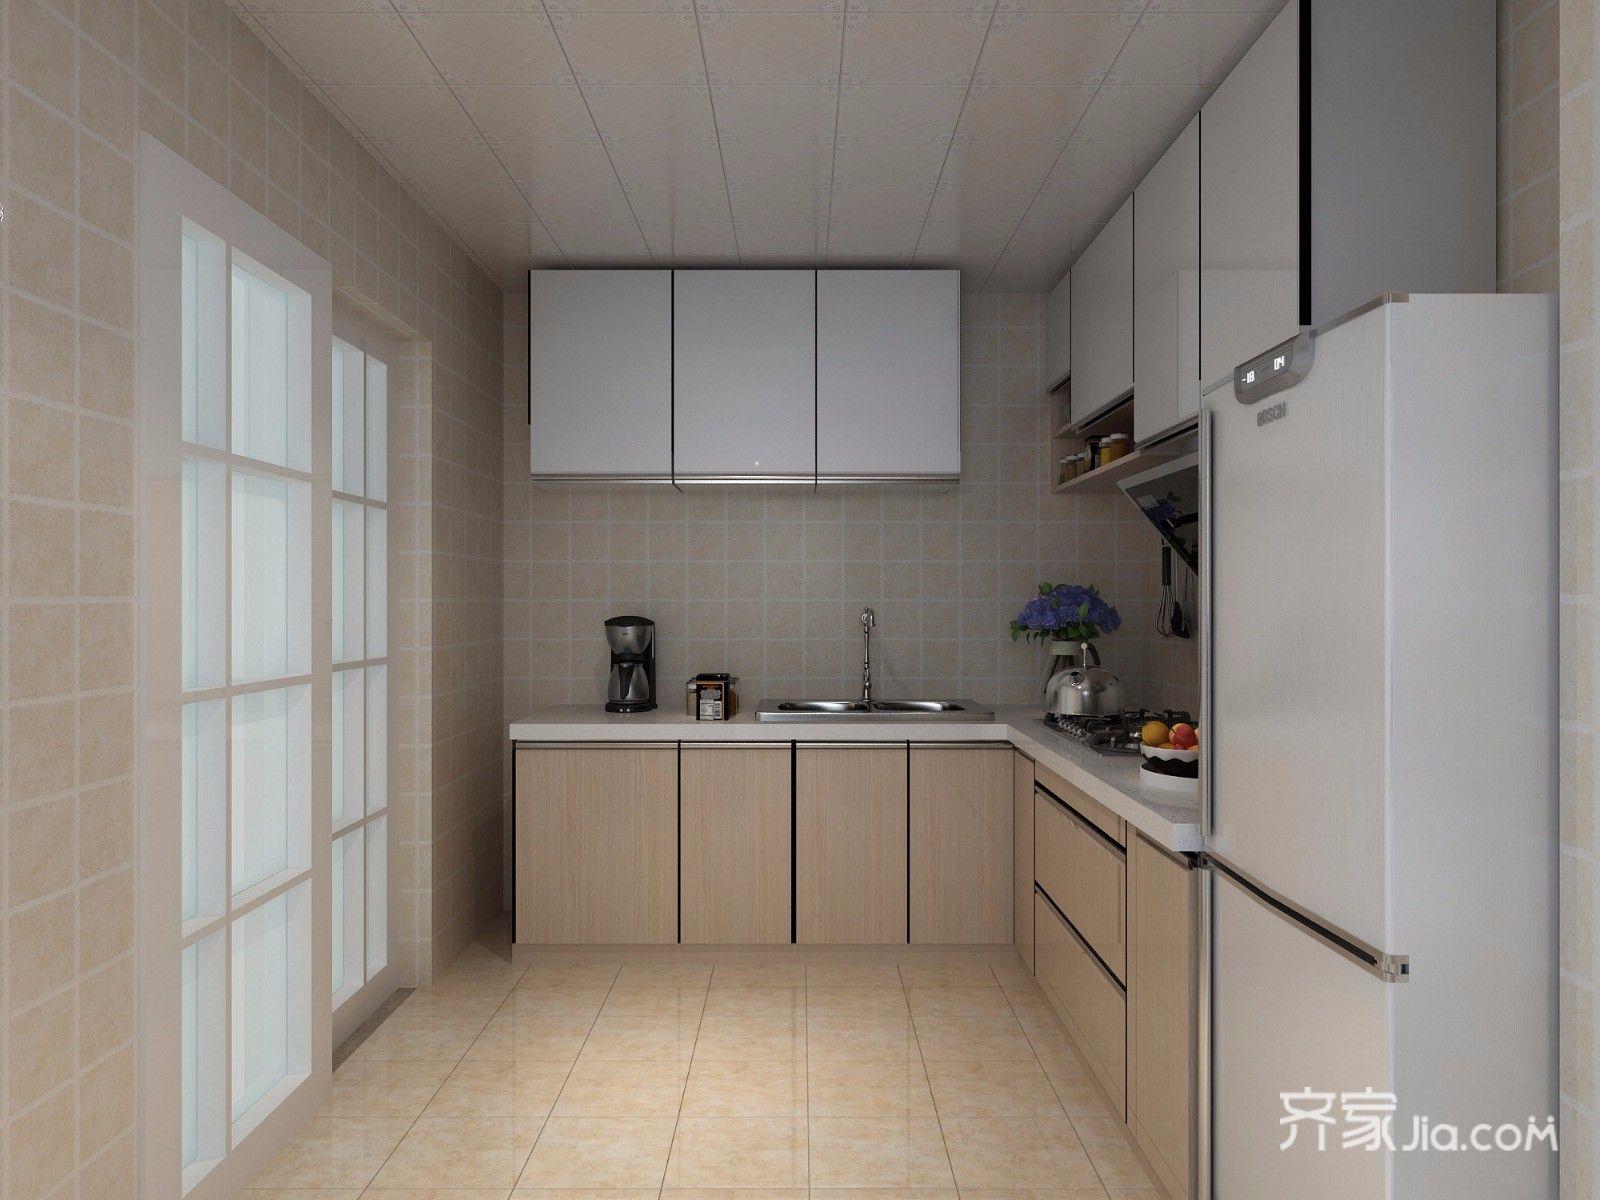 70平米简约二居室厨房装修效果图